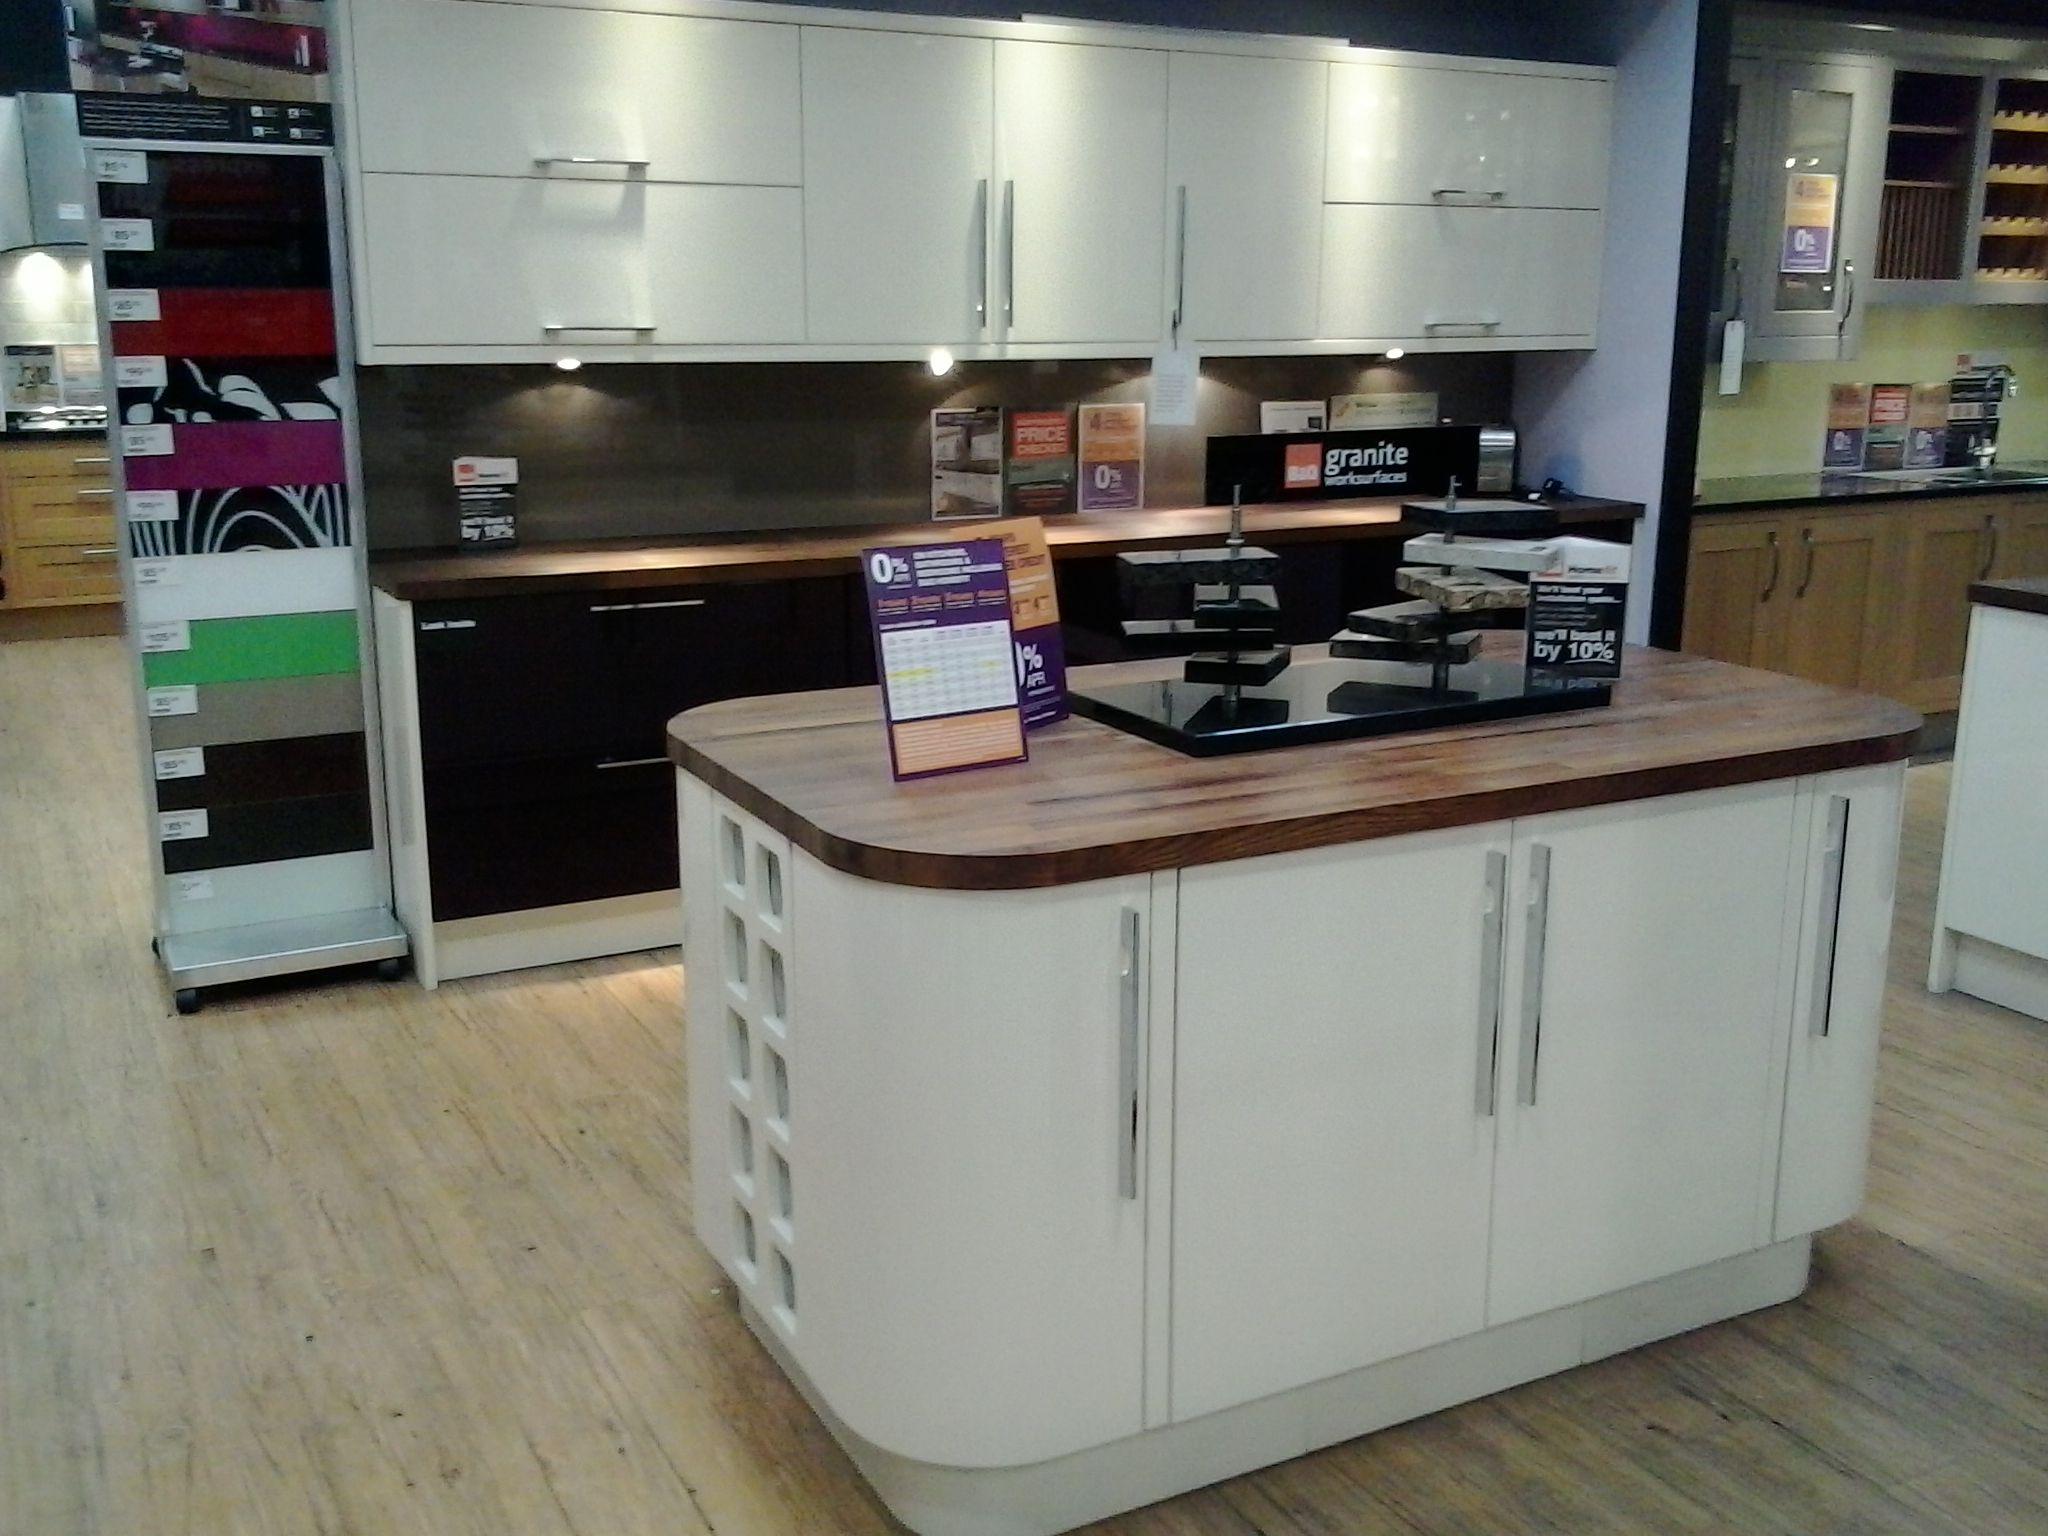 b&q kitchen Kitchen, Kitchen inspirations, B&q kitchens